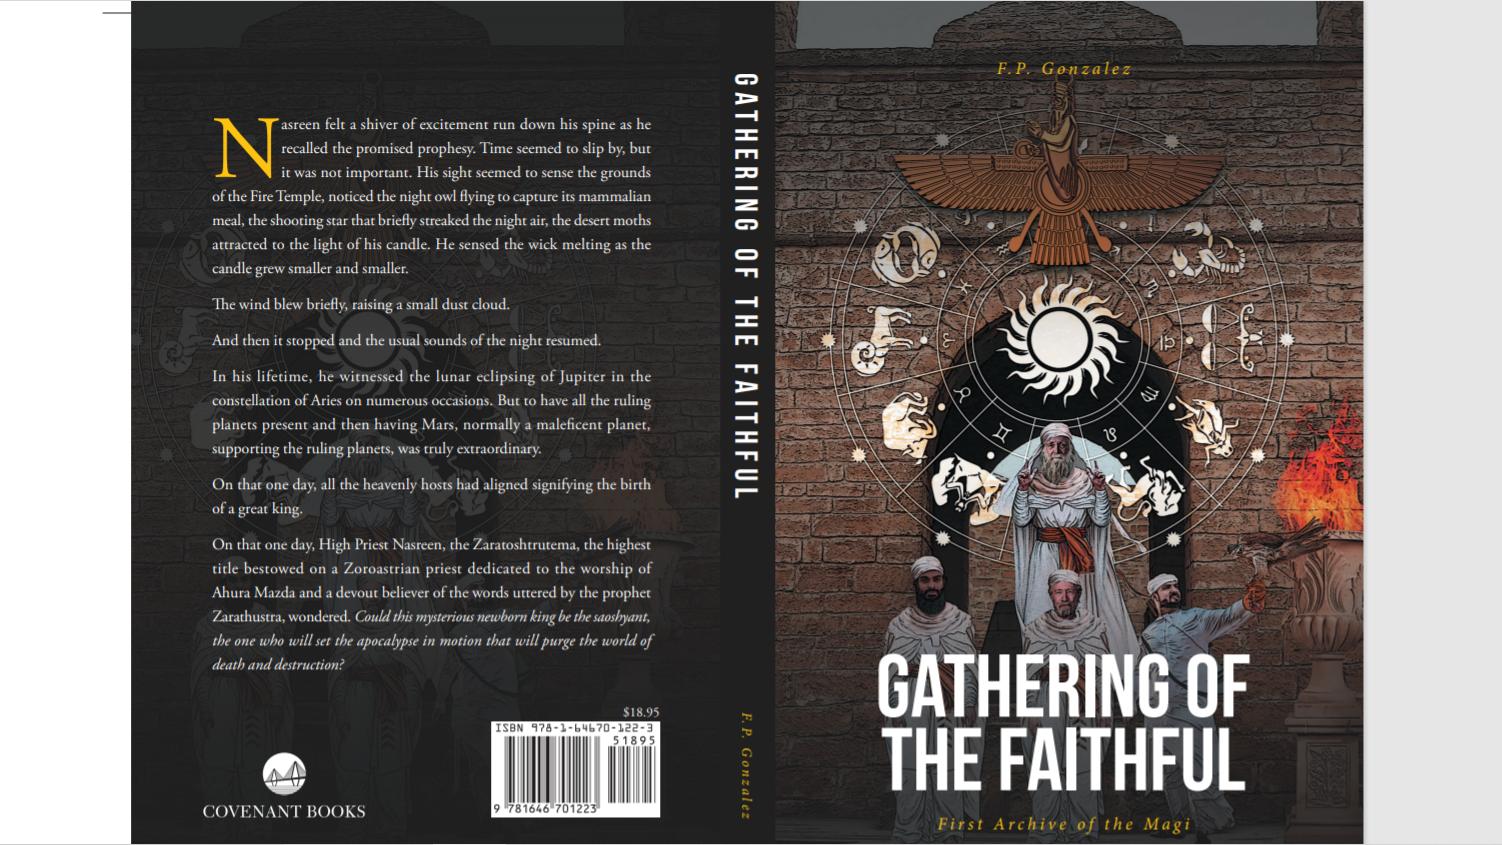 GATHERING OF THE FAITHFUL